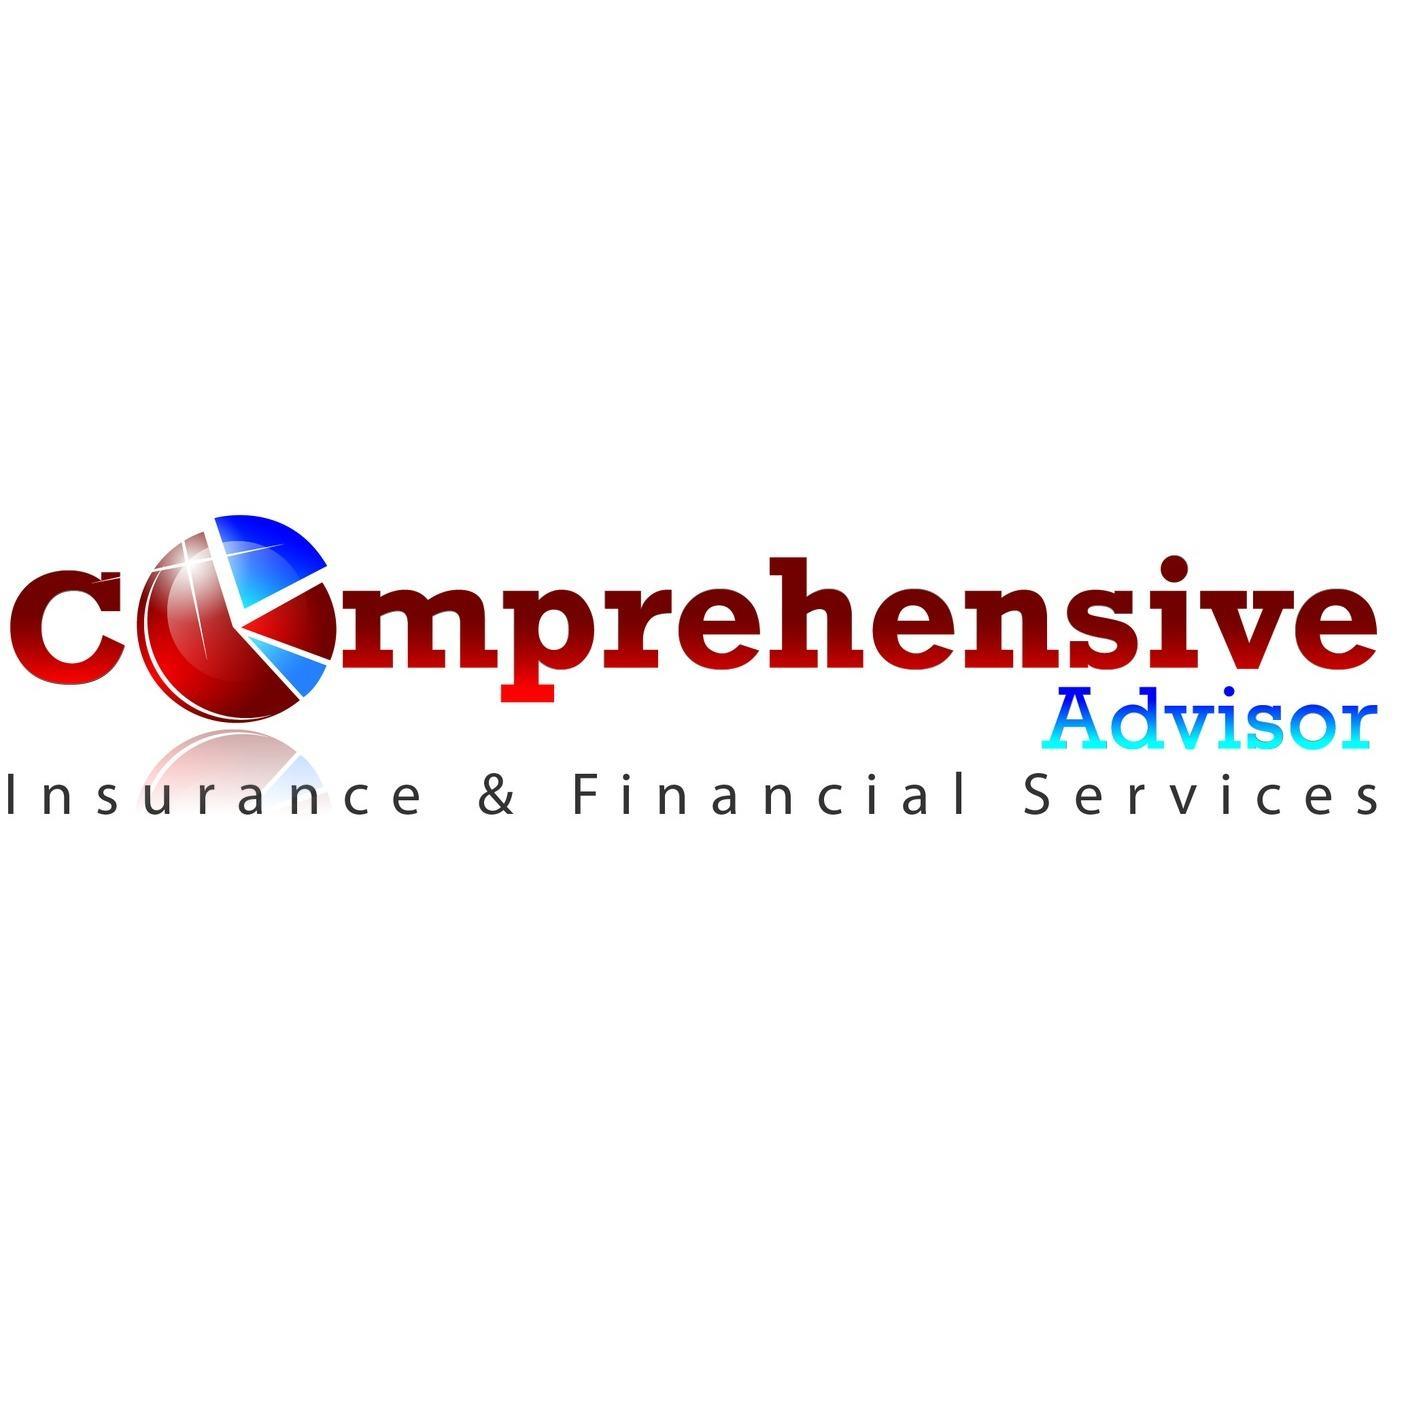 Comprehensive Advisor